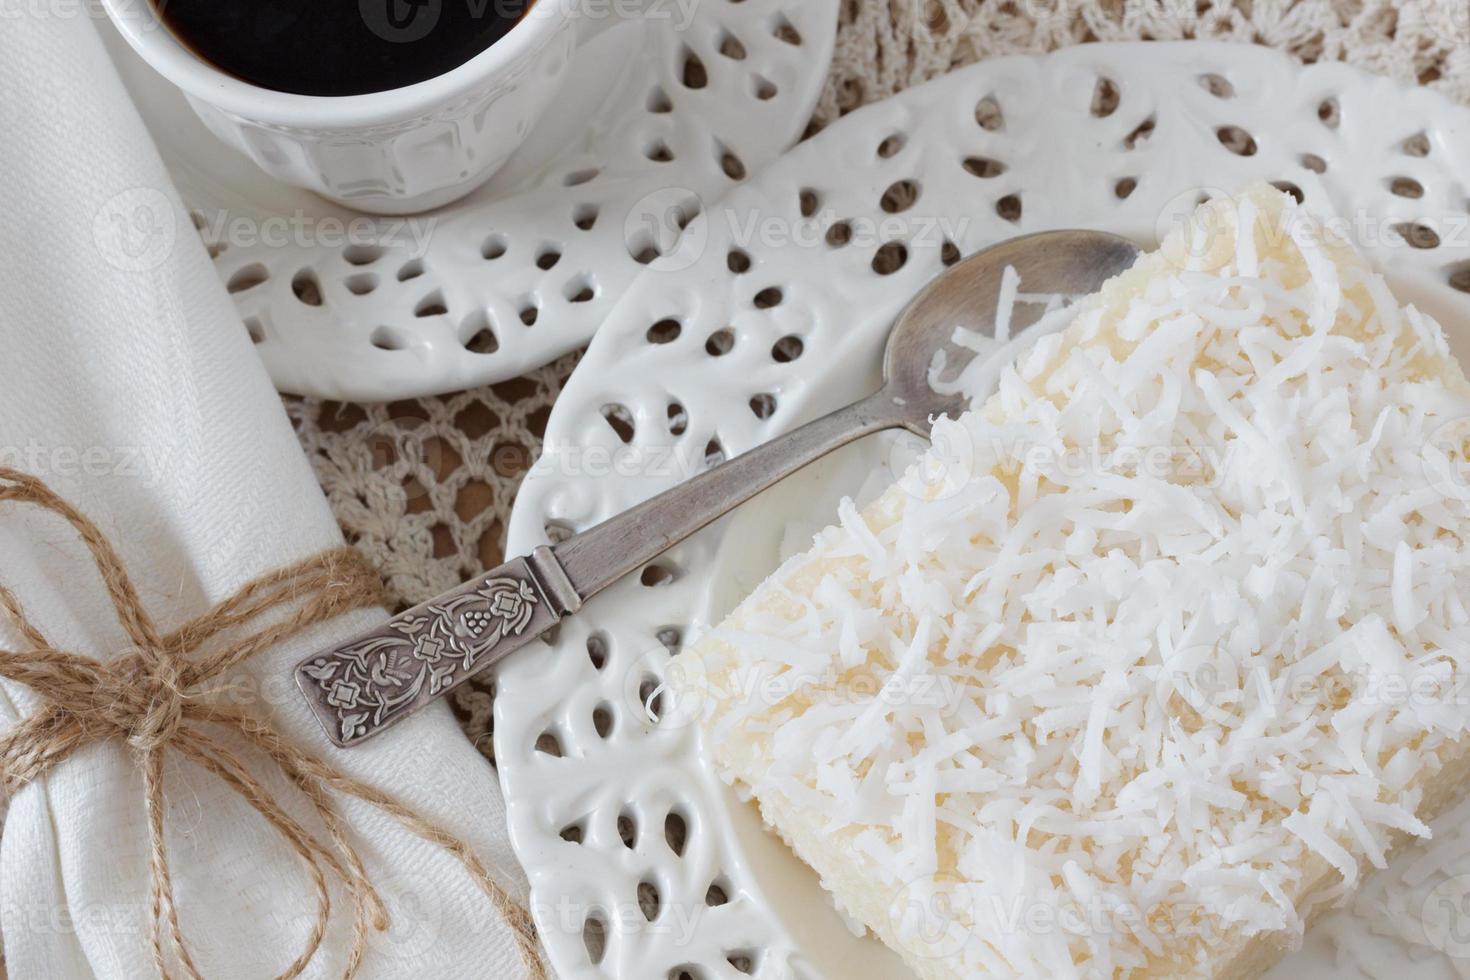 pouding au couscous (tapioca) (cuscuz doce) avec noix de coco et café photo